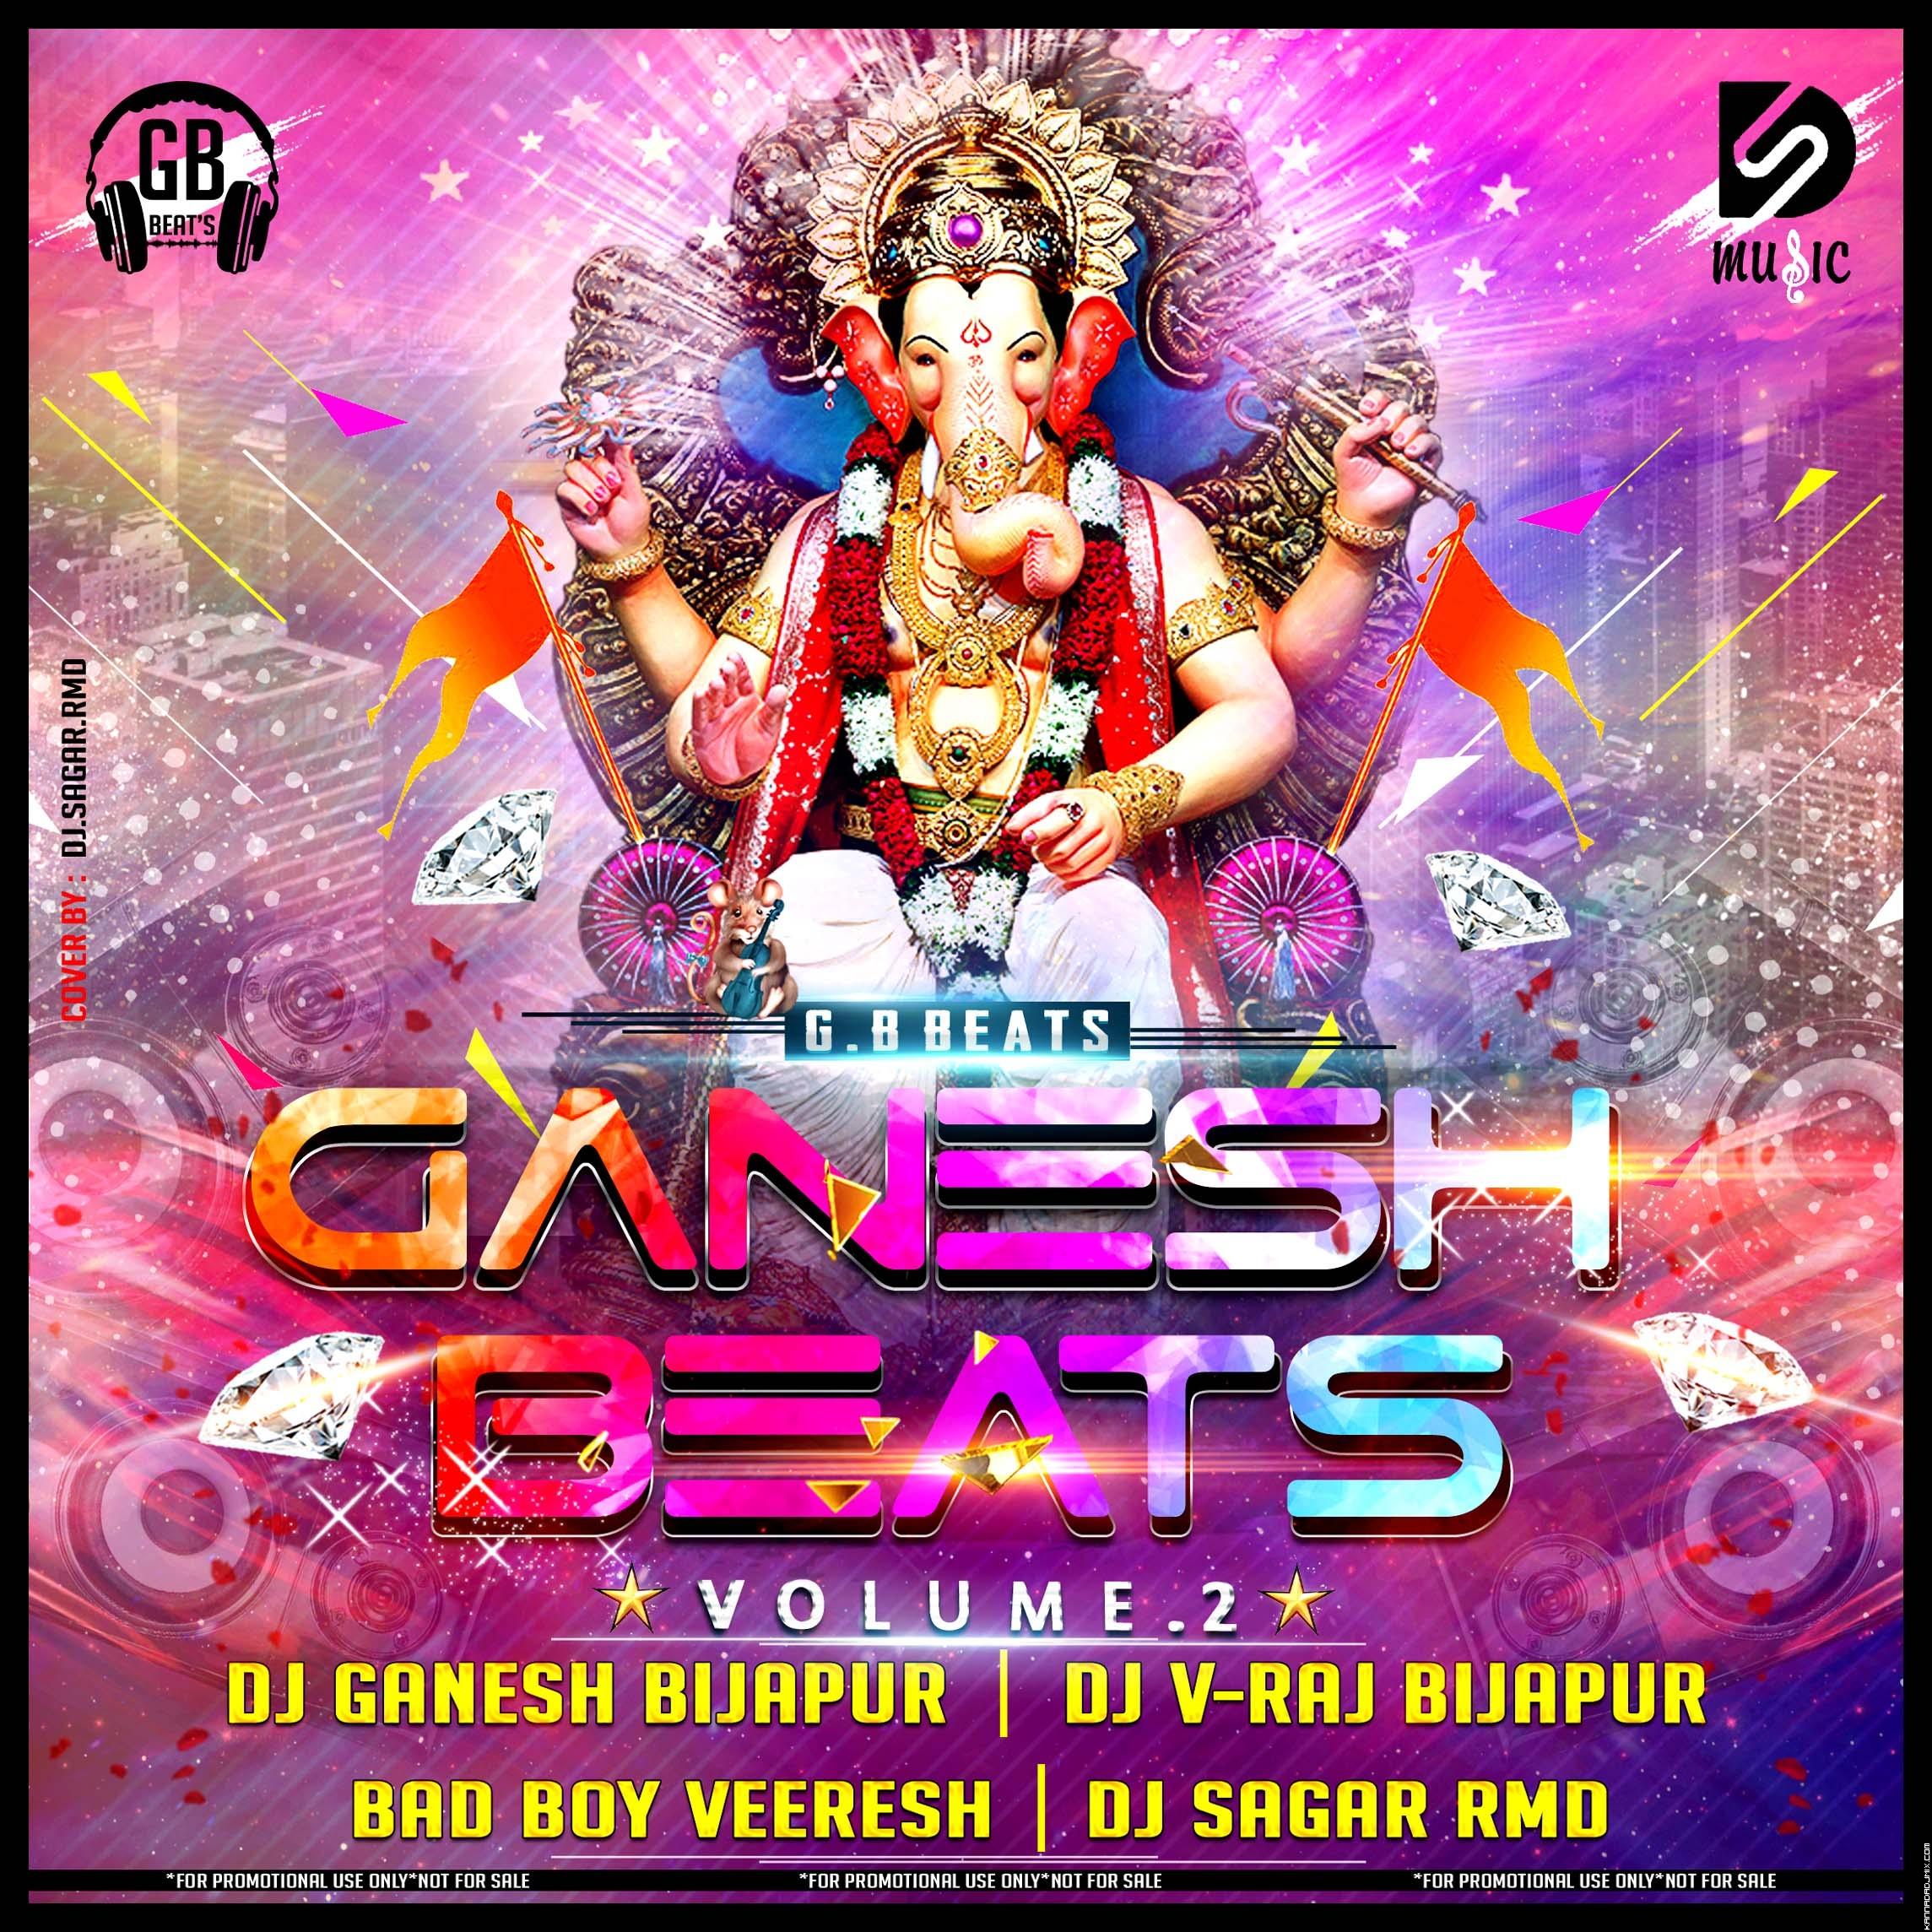 0.7 ] NATARANGA UDHA IN DROP SOUND CHECK  DJ GANESH [BIJAPUR] AND V RAJ.mp3